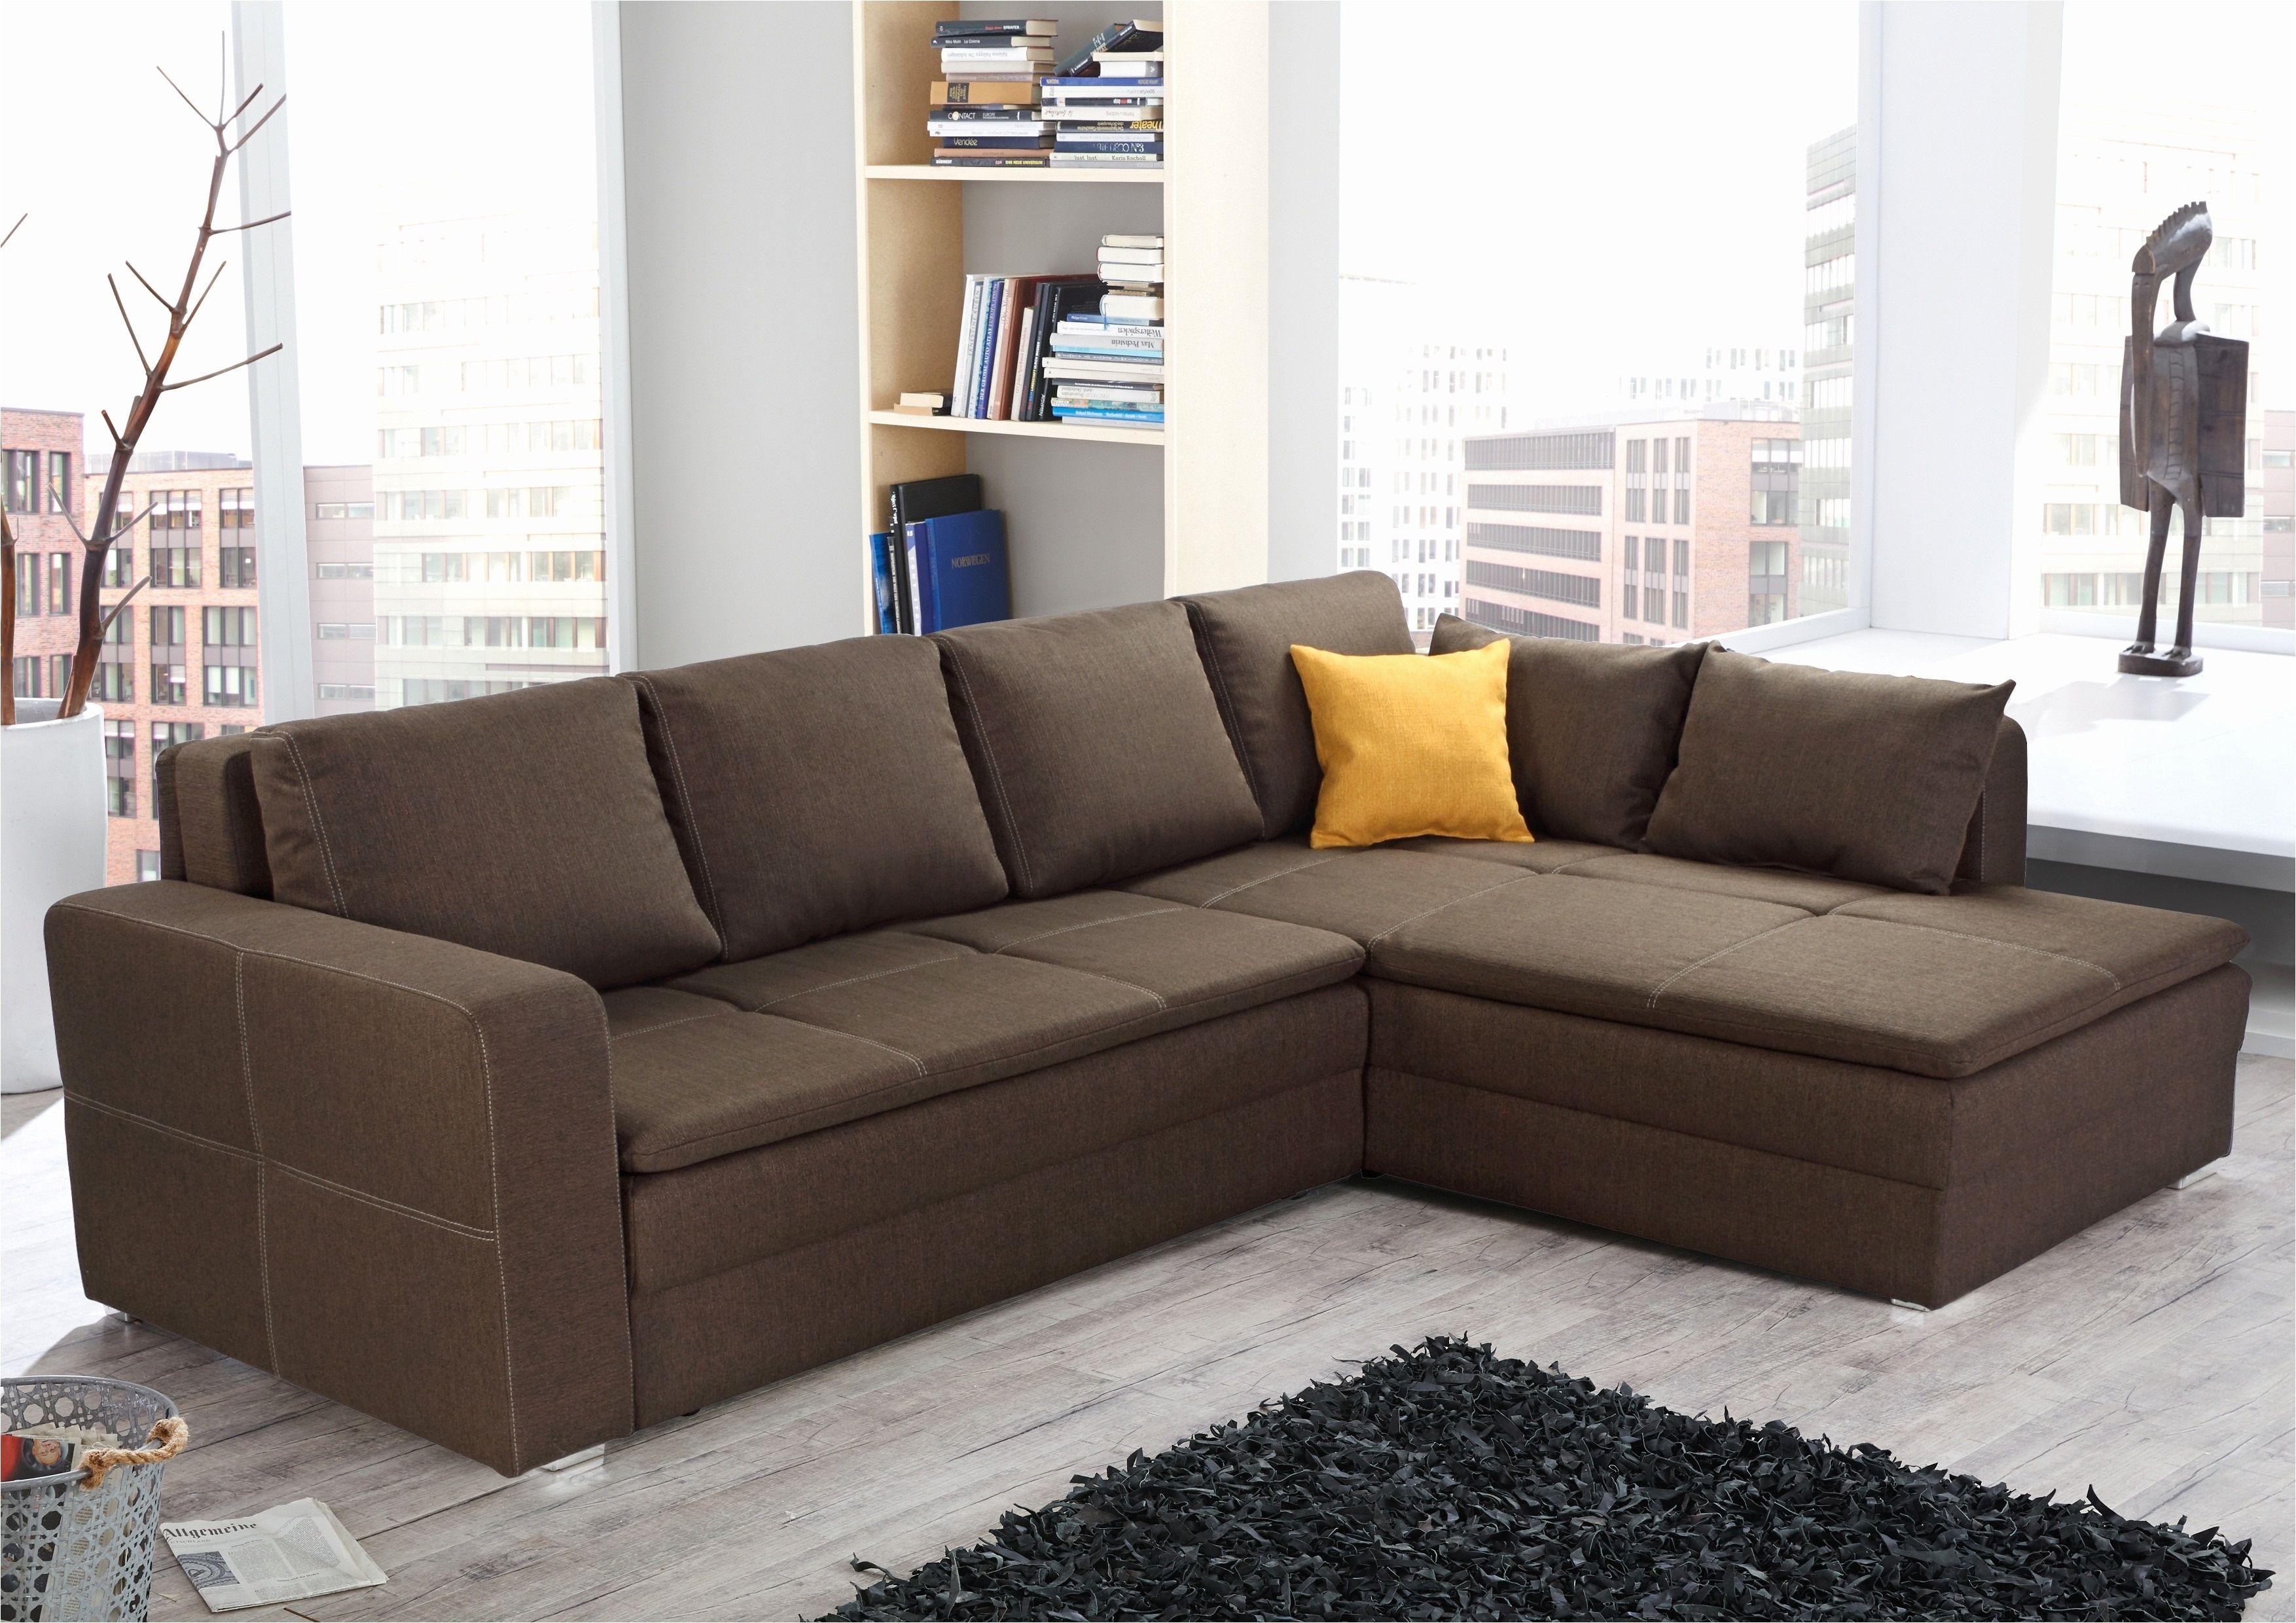 24 Luxus Bett Sofa Kombi Sofa design, Couch möbel, Wohnen